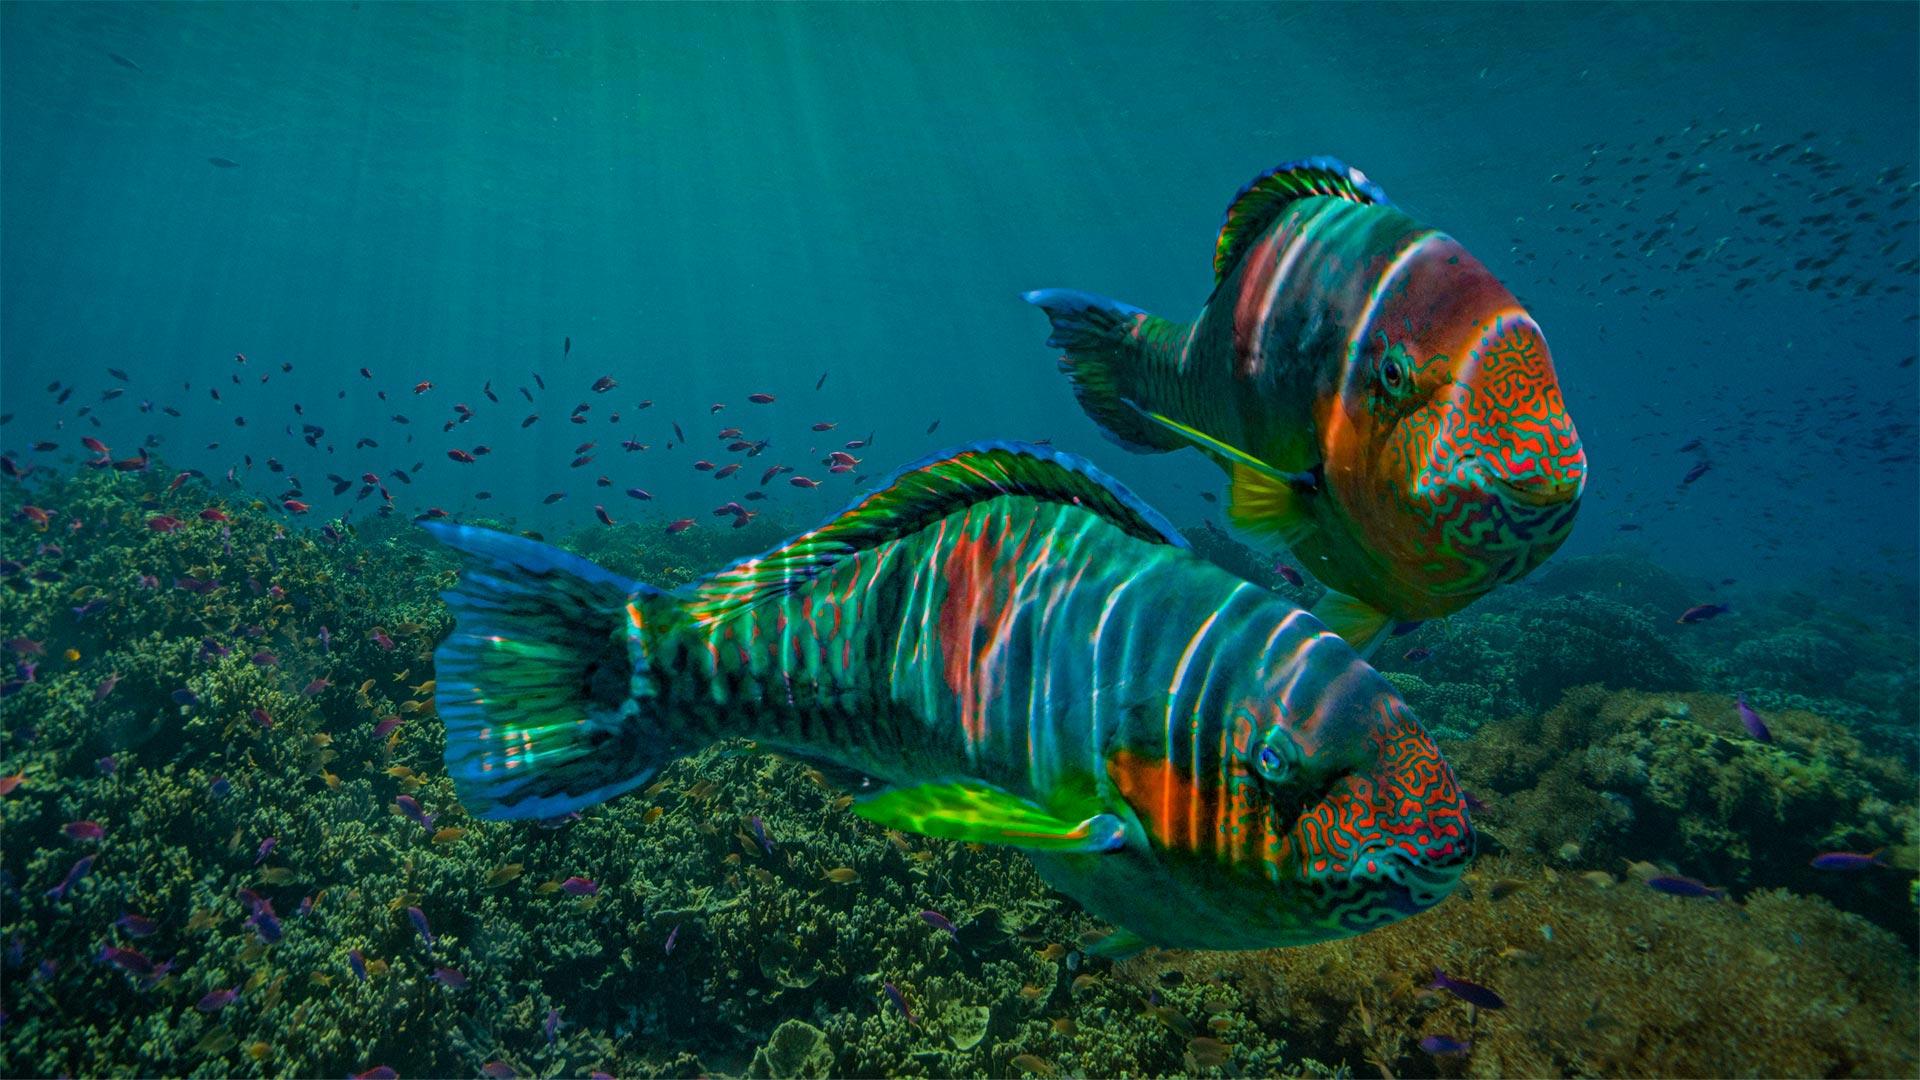 Animal Parrotfish 1920x1080